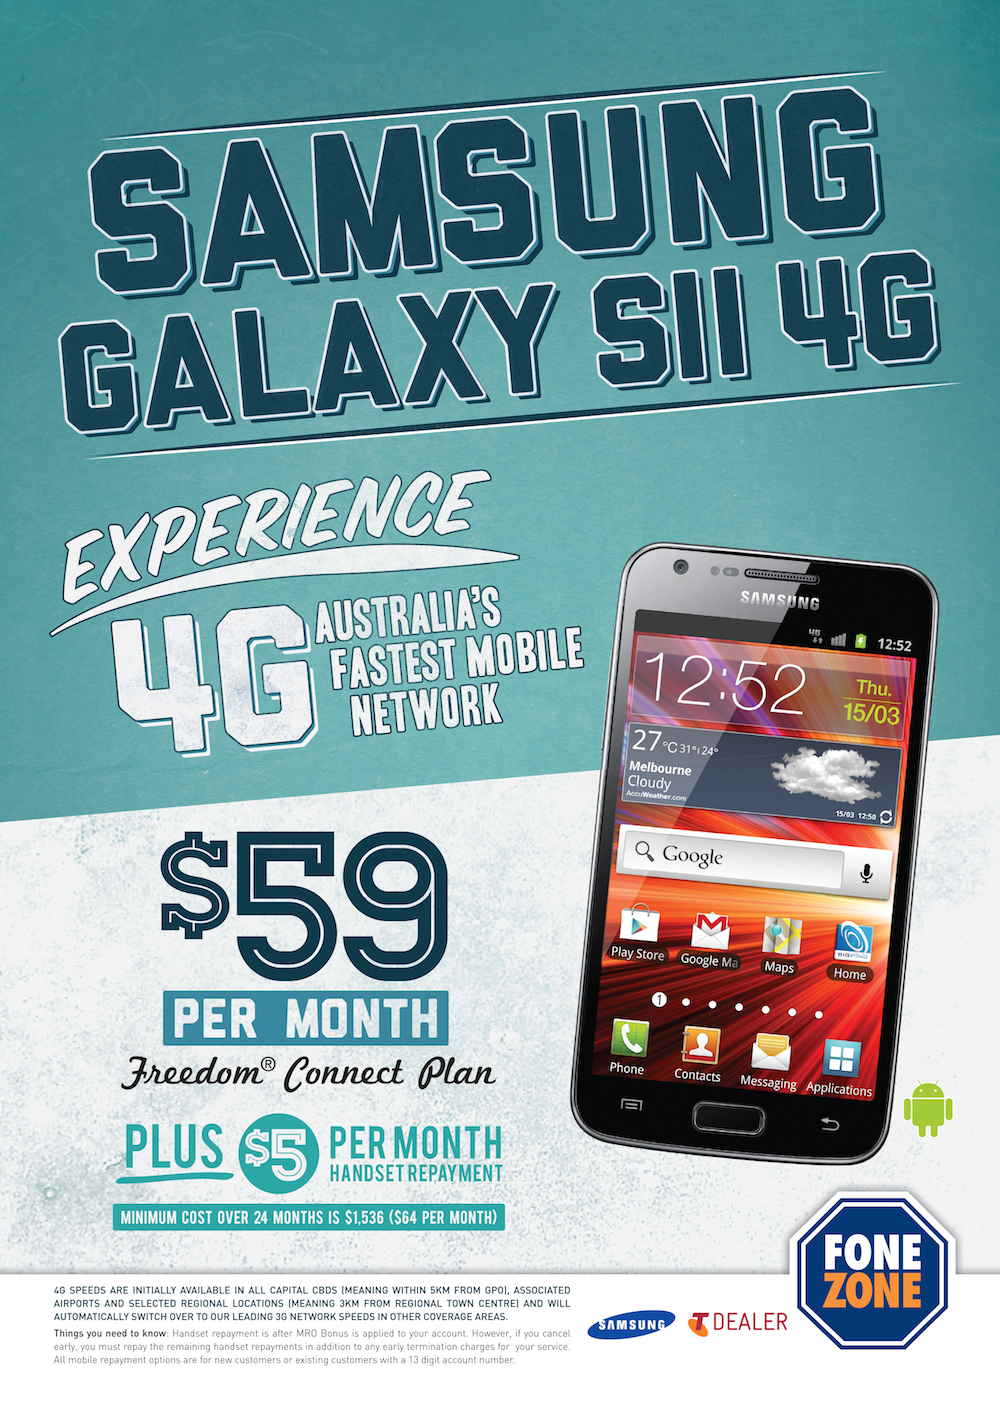 Fone Zone Samsung Galaxy S2 Campaign